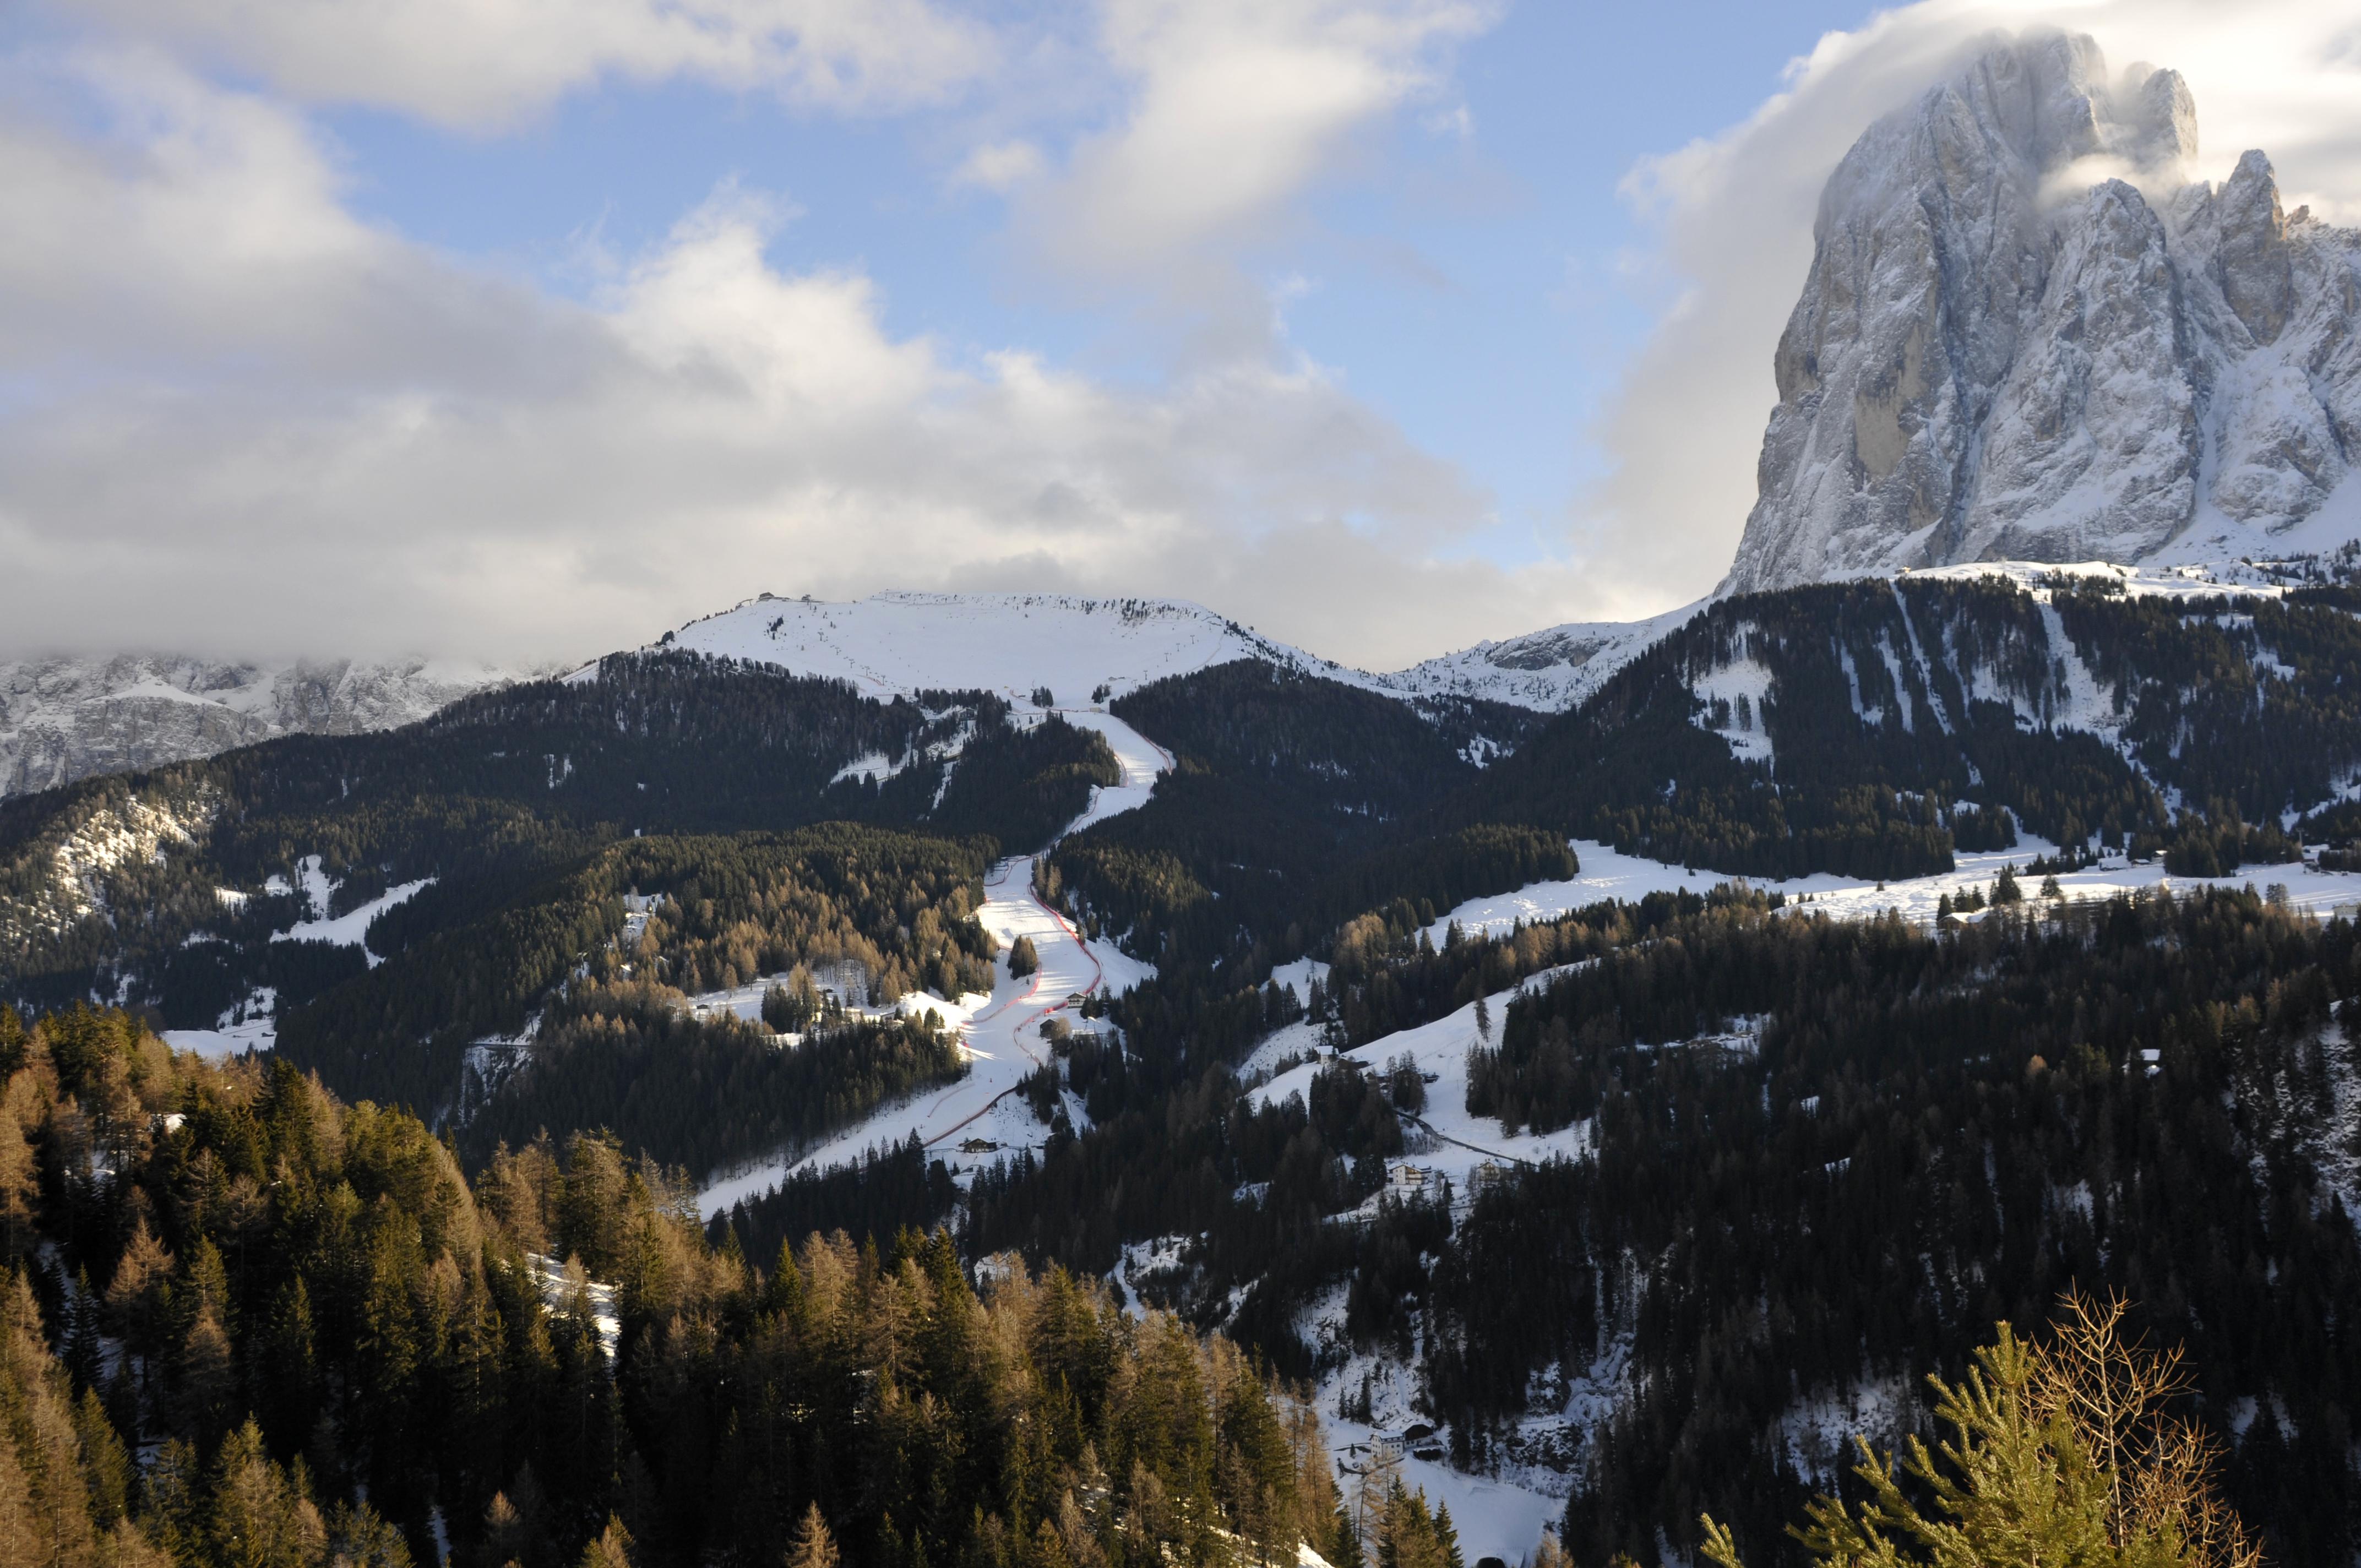 Zastaki.com - Трасса для слалома на горнолыжном курорте Валь Гардена, Италия